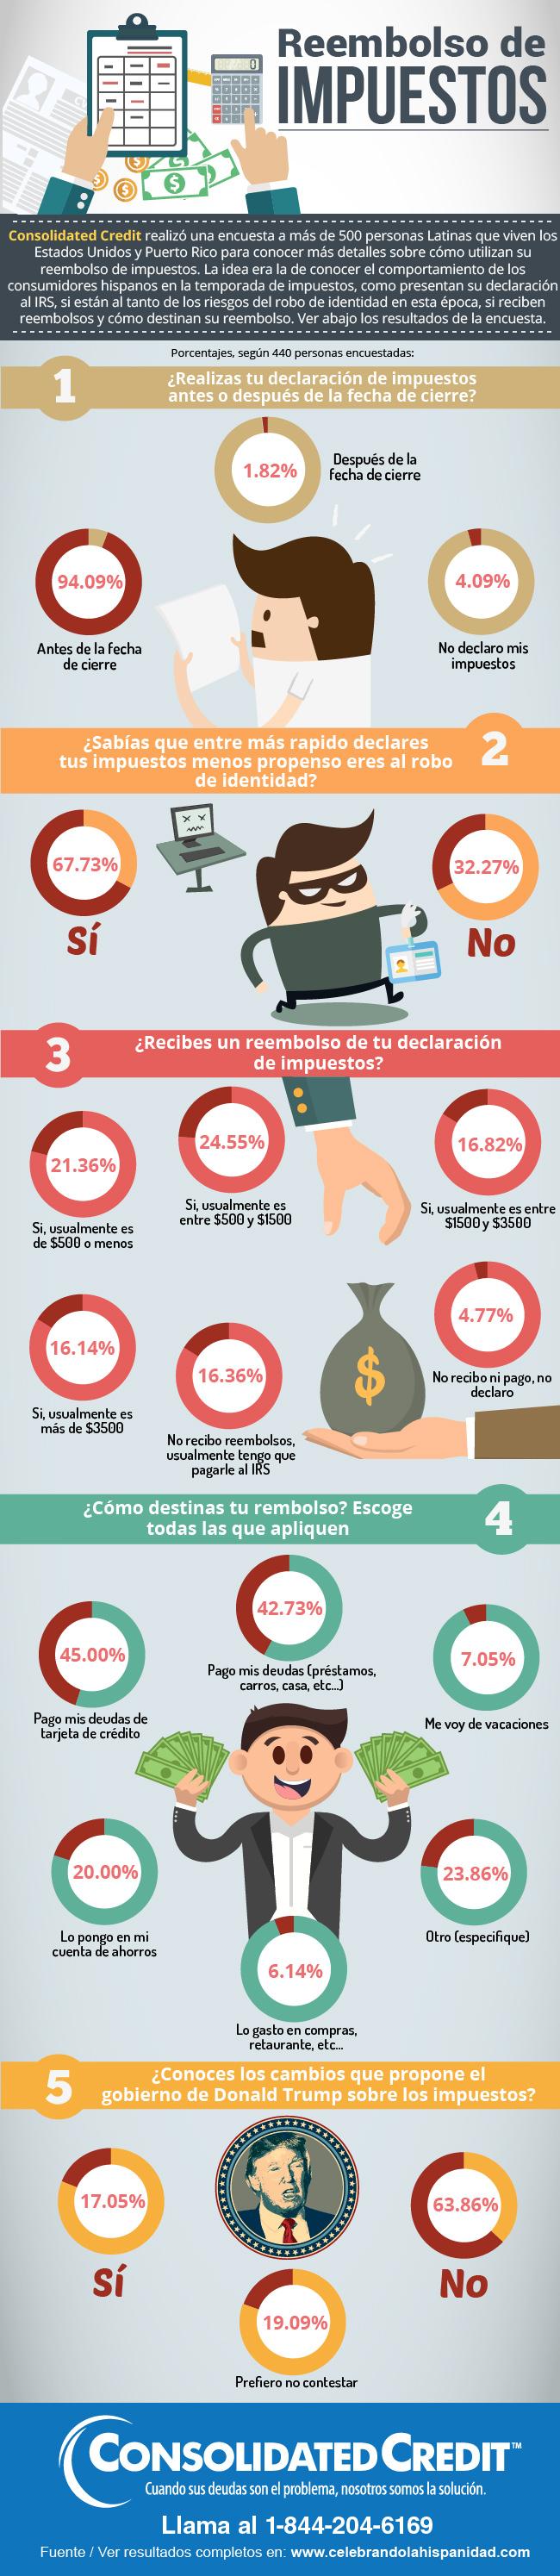 encuesta Declaracion de impuestos reembolso